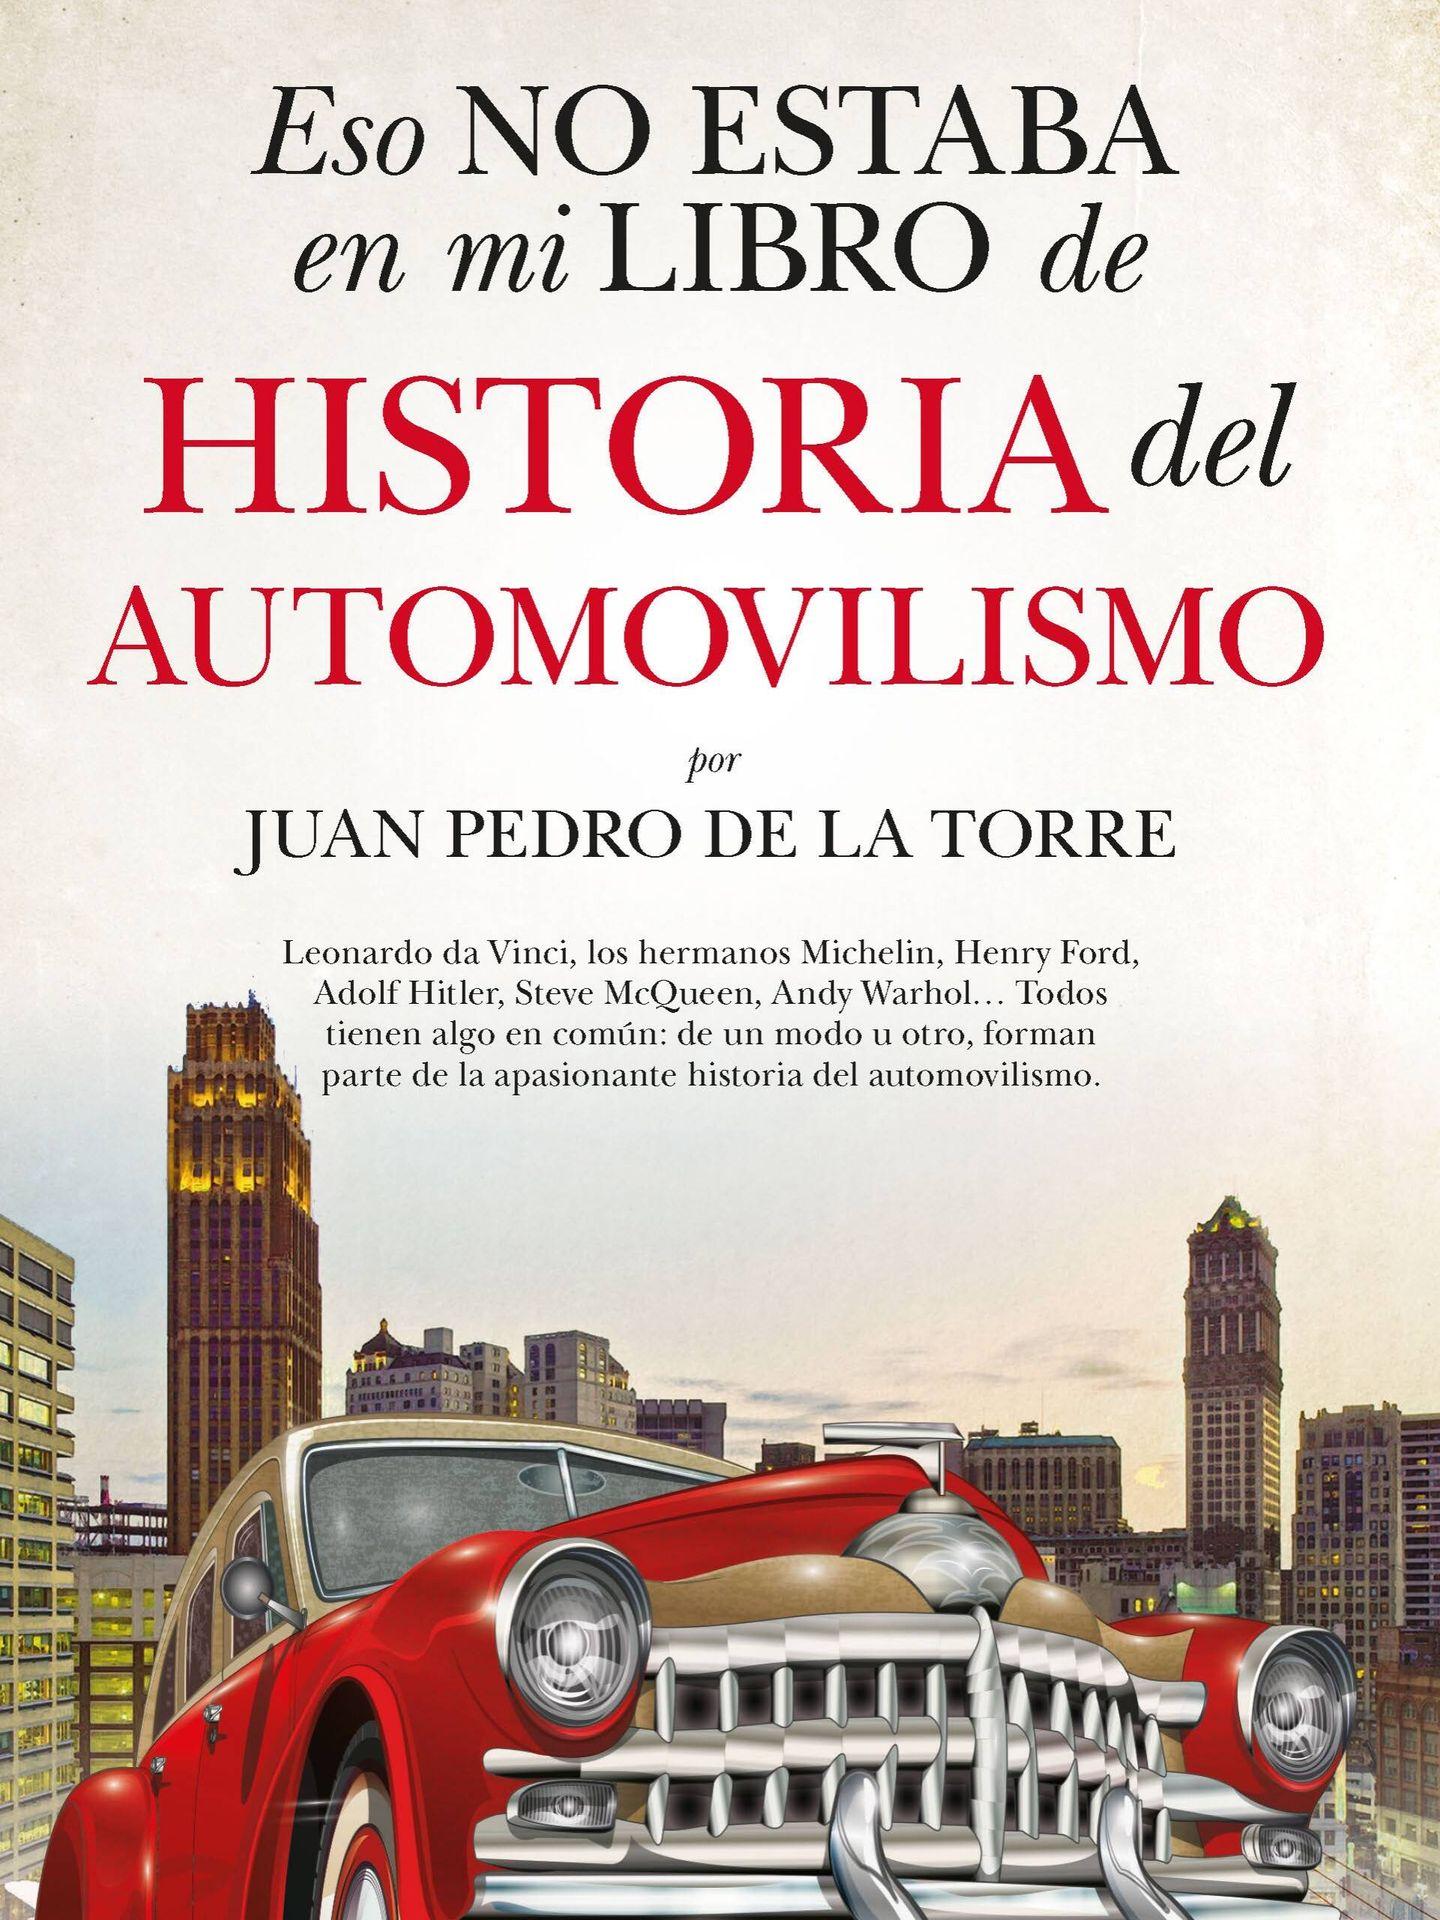 'Eso no estaba en mi libro de historia del automovilismo' es un libro ilustrado y de 368 páginas escrito por nuestro colaborador Juan Pedro de la Torre y publicado por Editorial Almuzara.